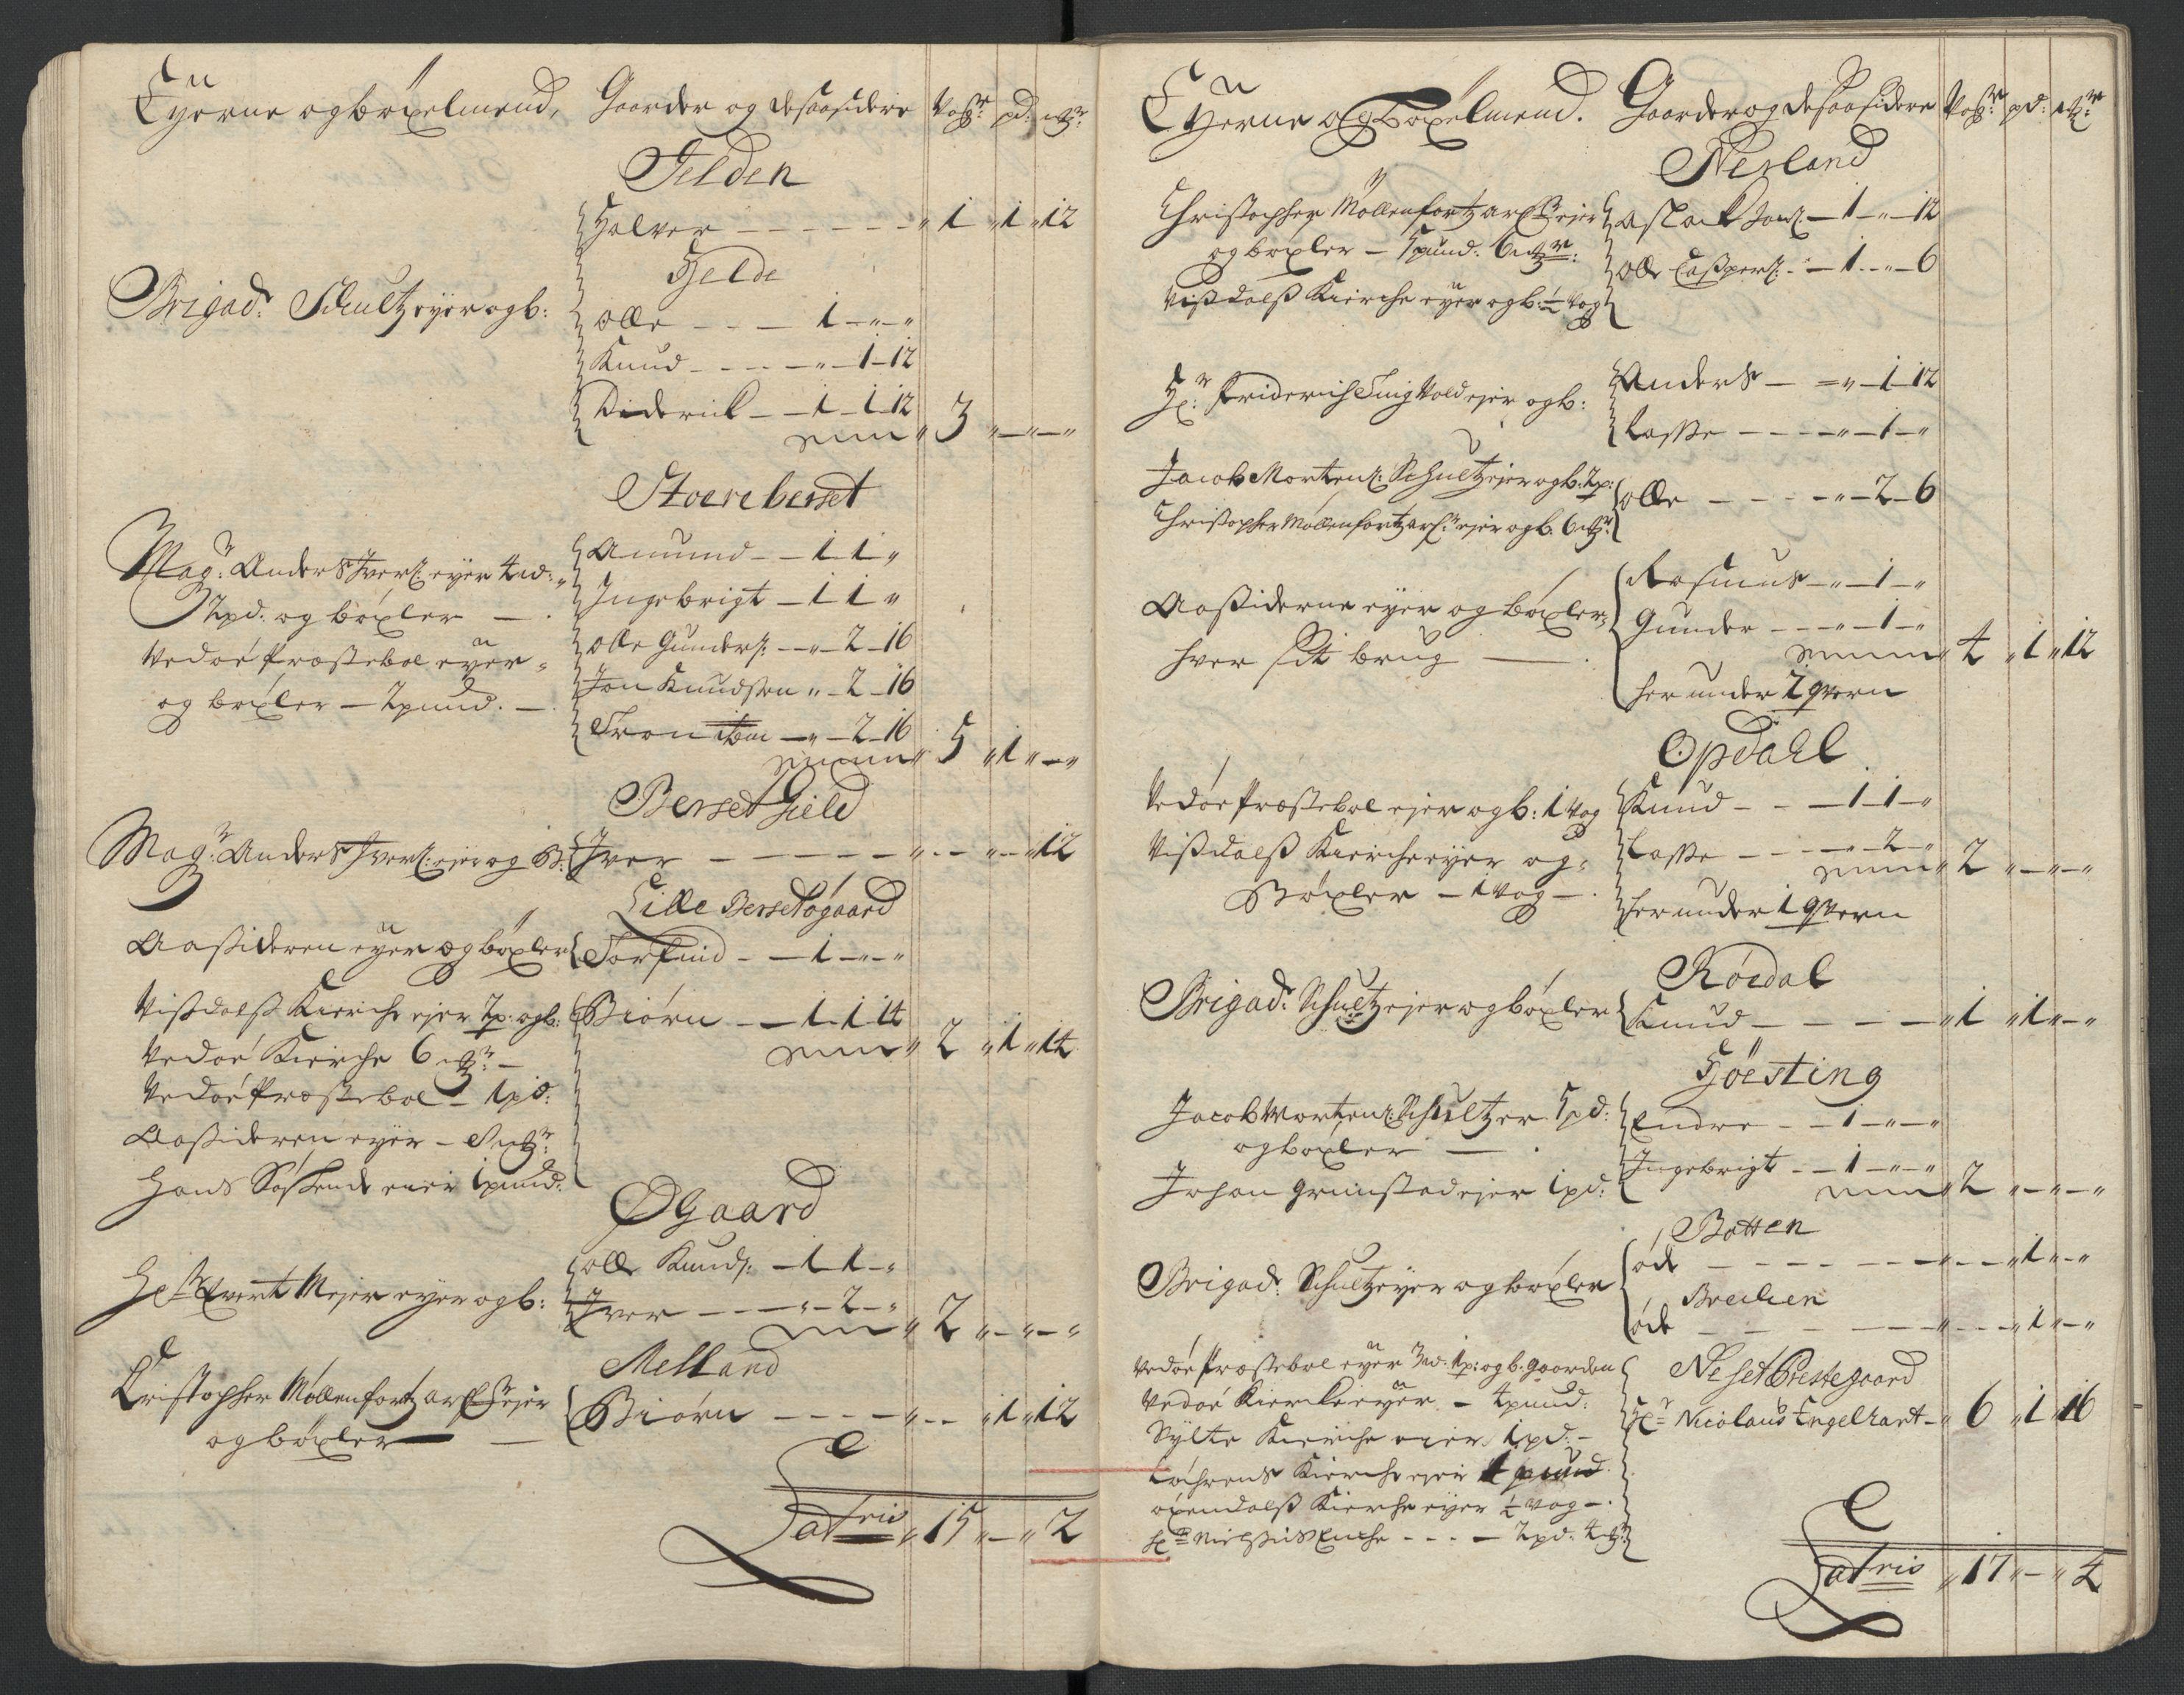 RA, Rentekammeret inntil 1814, Reviderte regnskaper, Fogderegnskap, R55/L3658: Fogderegnskap Romsdal, 1707-1708, s. 203